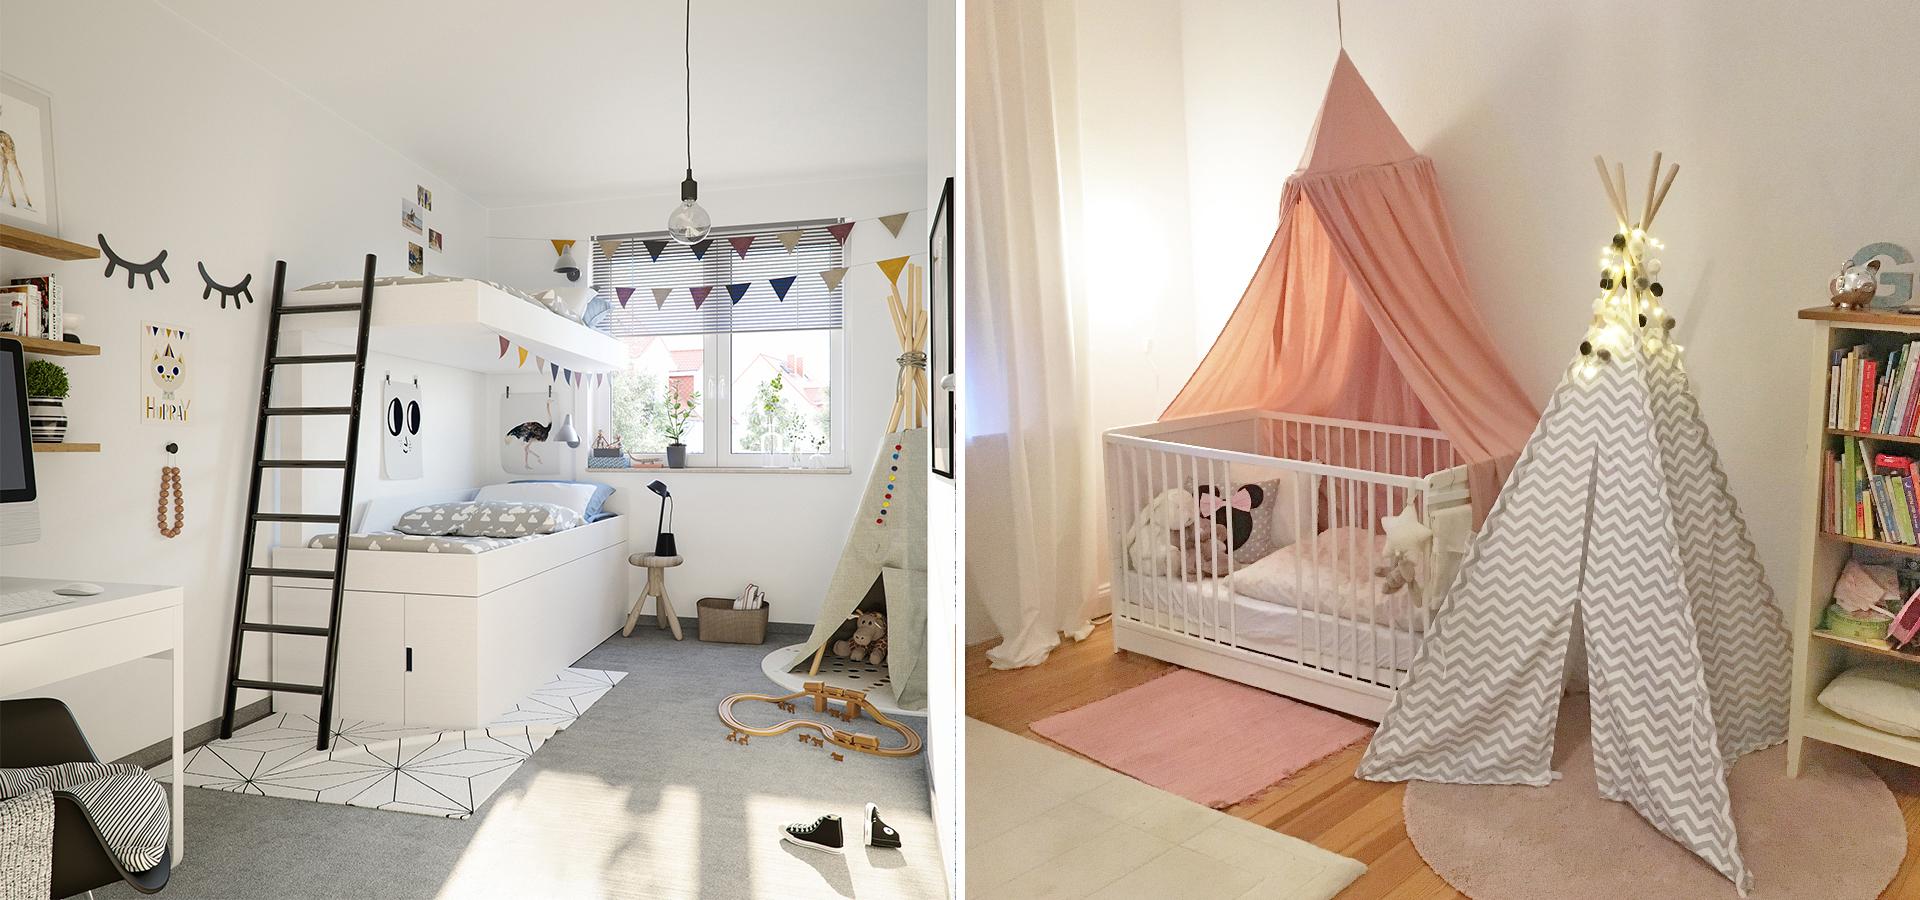 Full Size of Kinderzimmer Einrichten Tipps Fr Eltern Bonava Regale Regal Weiß Sofa Kinderzimmer Kinderzimmer Einrichtung